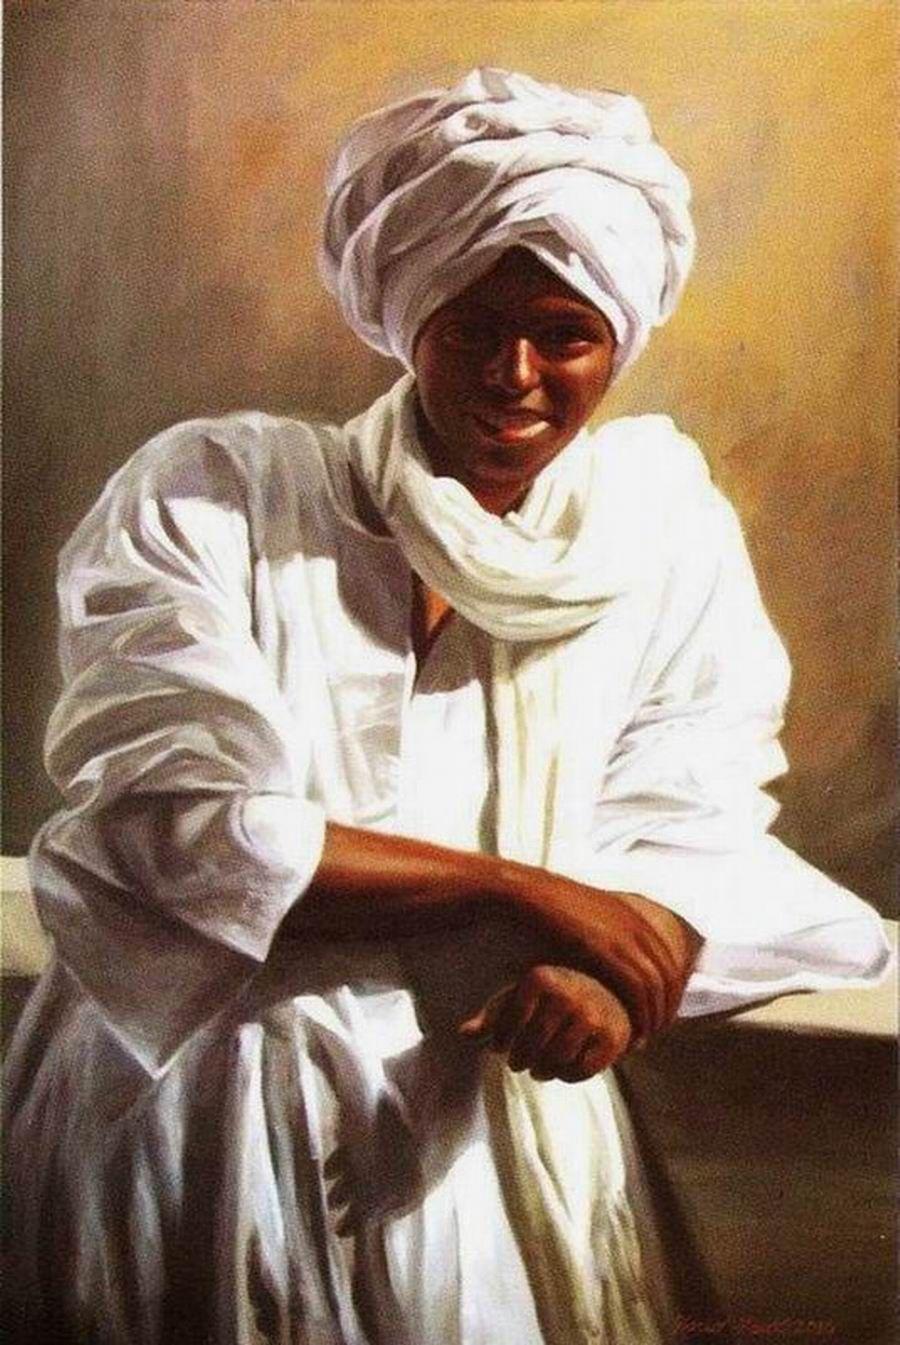 أعمال الفنان المصري فريد فاضل حنا مرقس الجزء الأول ملفات أردنية Egyptian Art Egypt Art Egyptian Painting